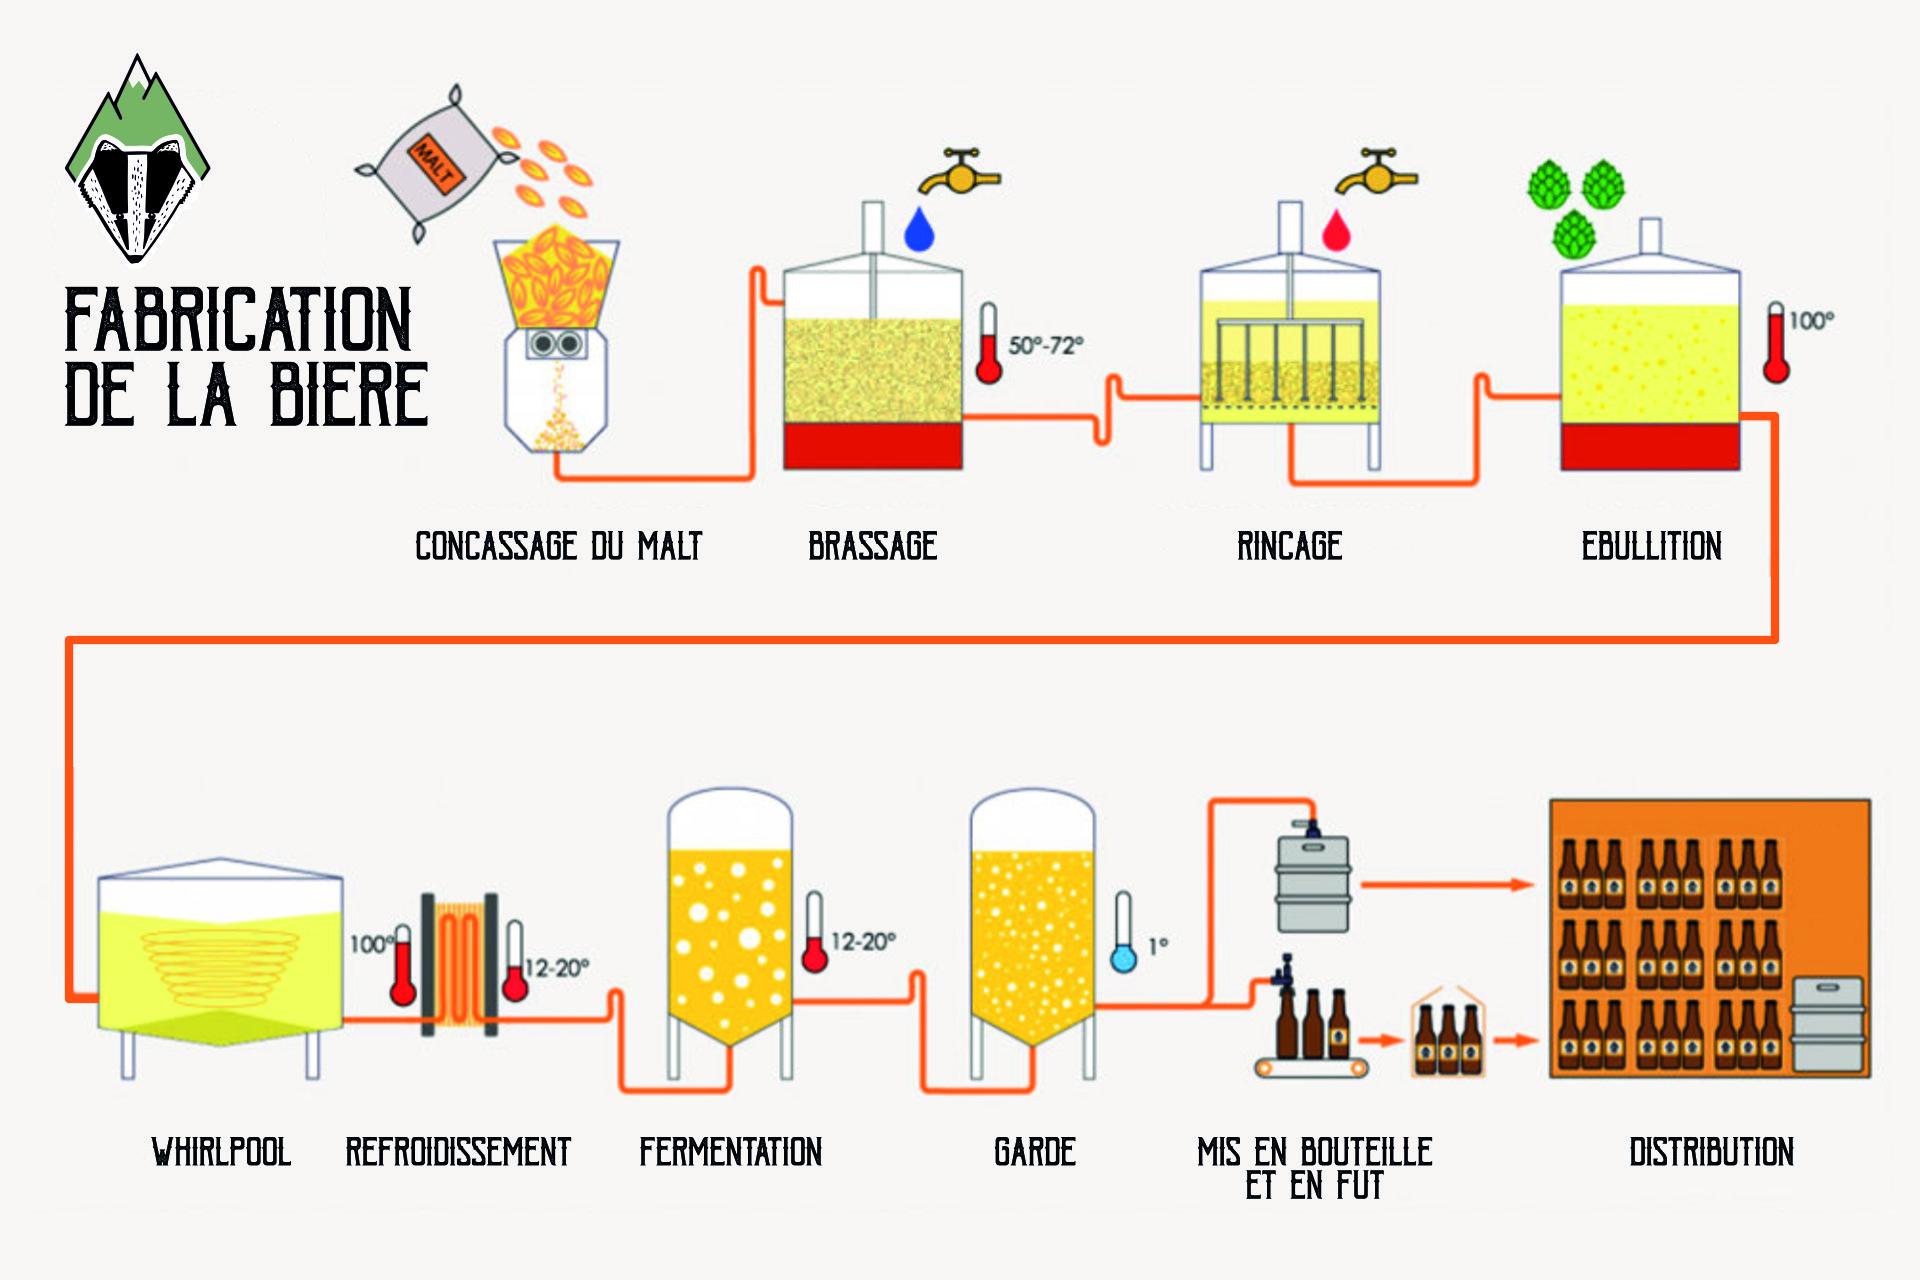 Comment est fabriqué la bière du Blaireau